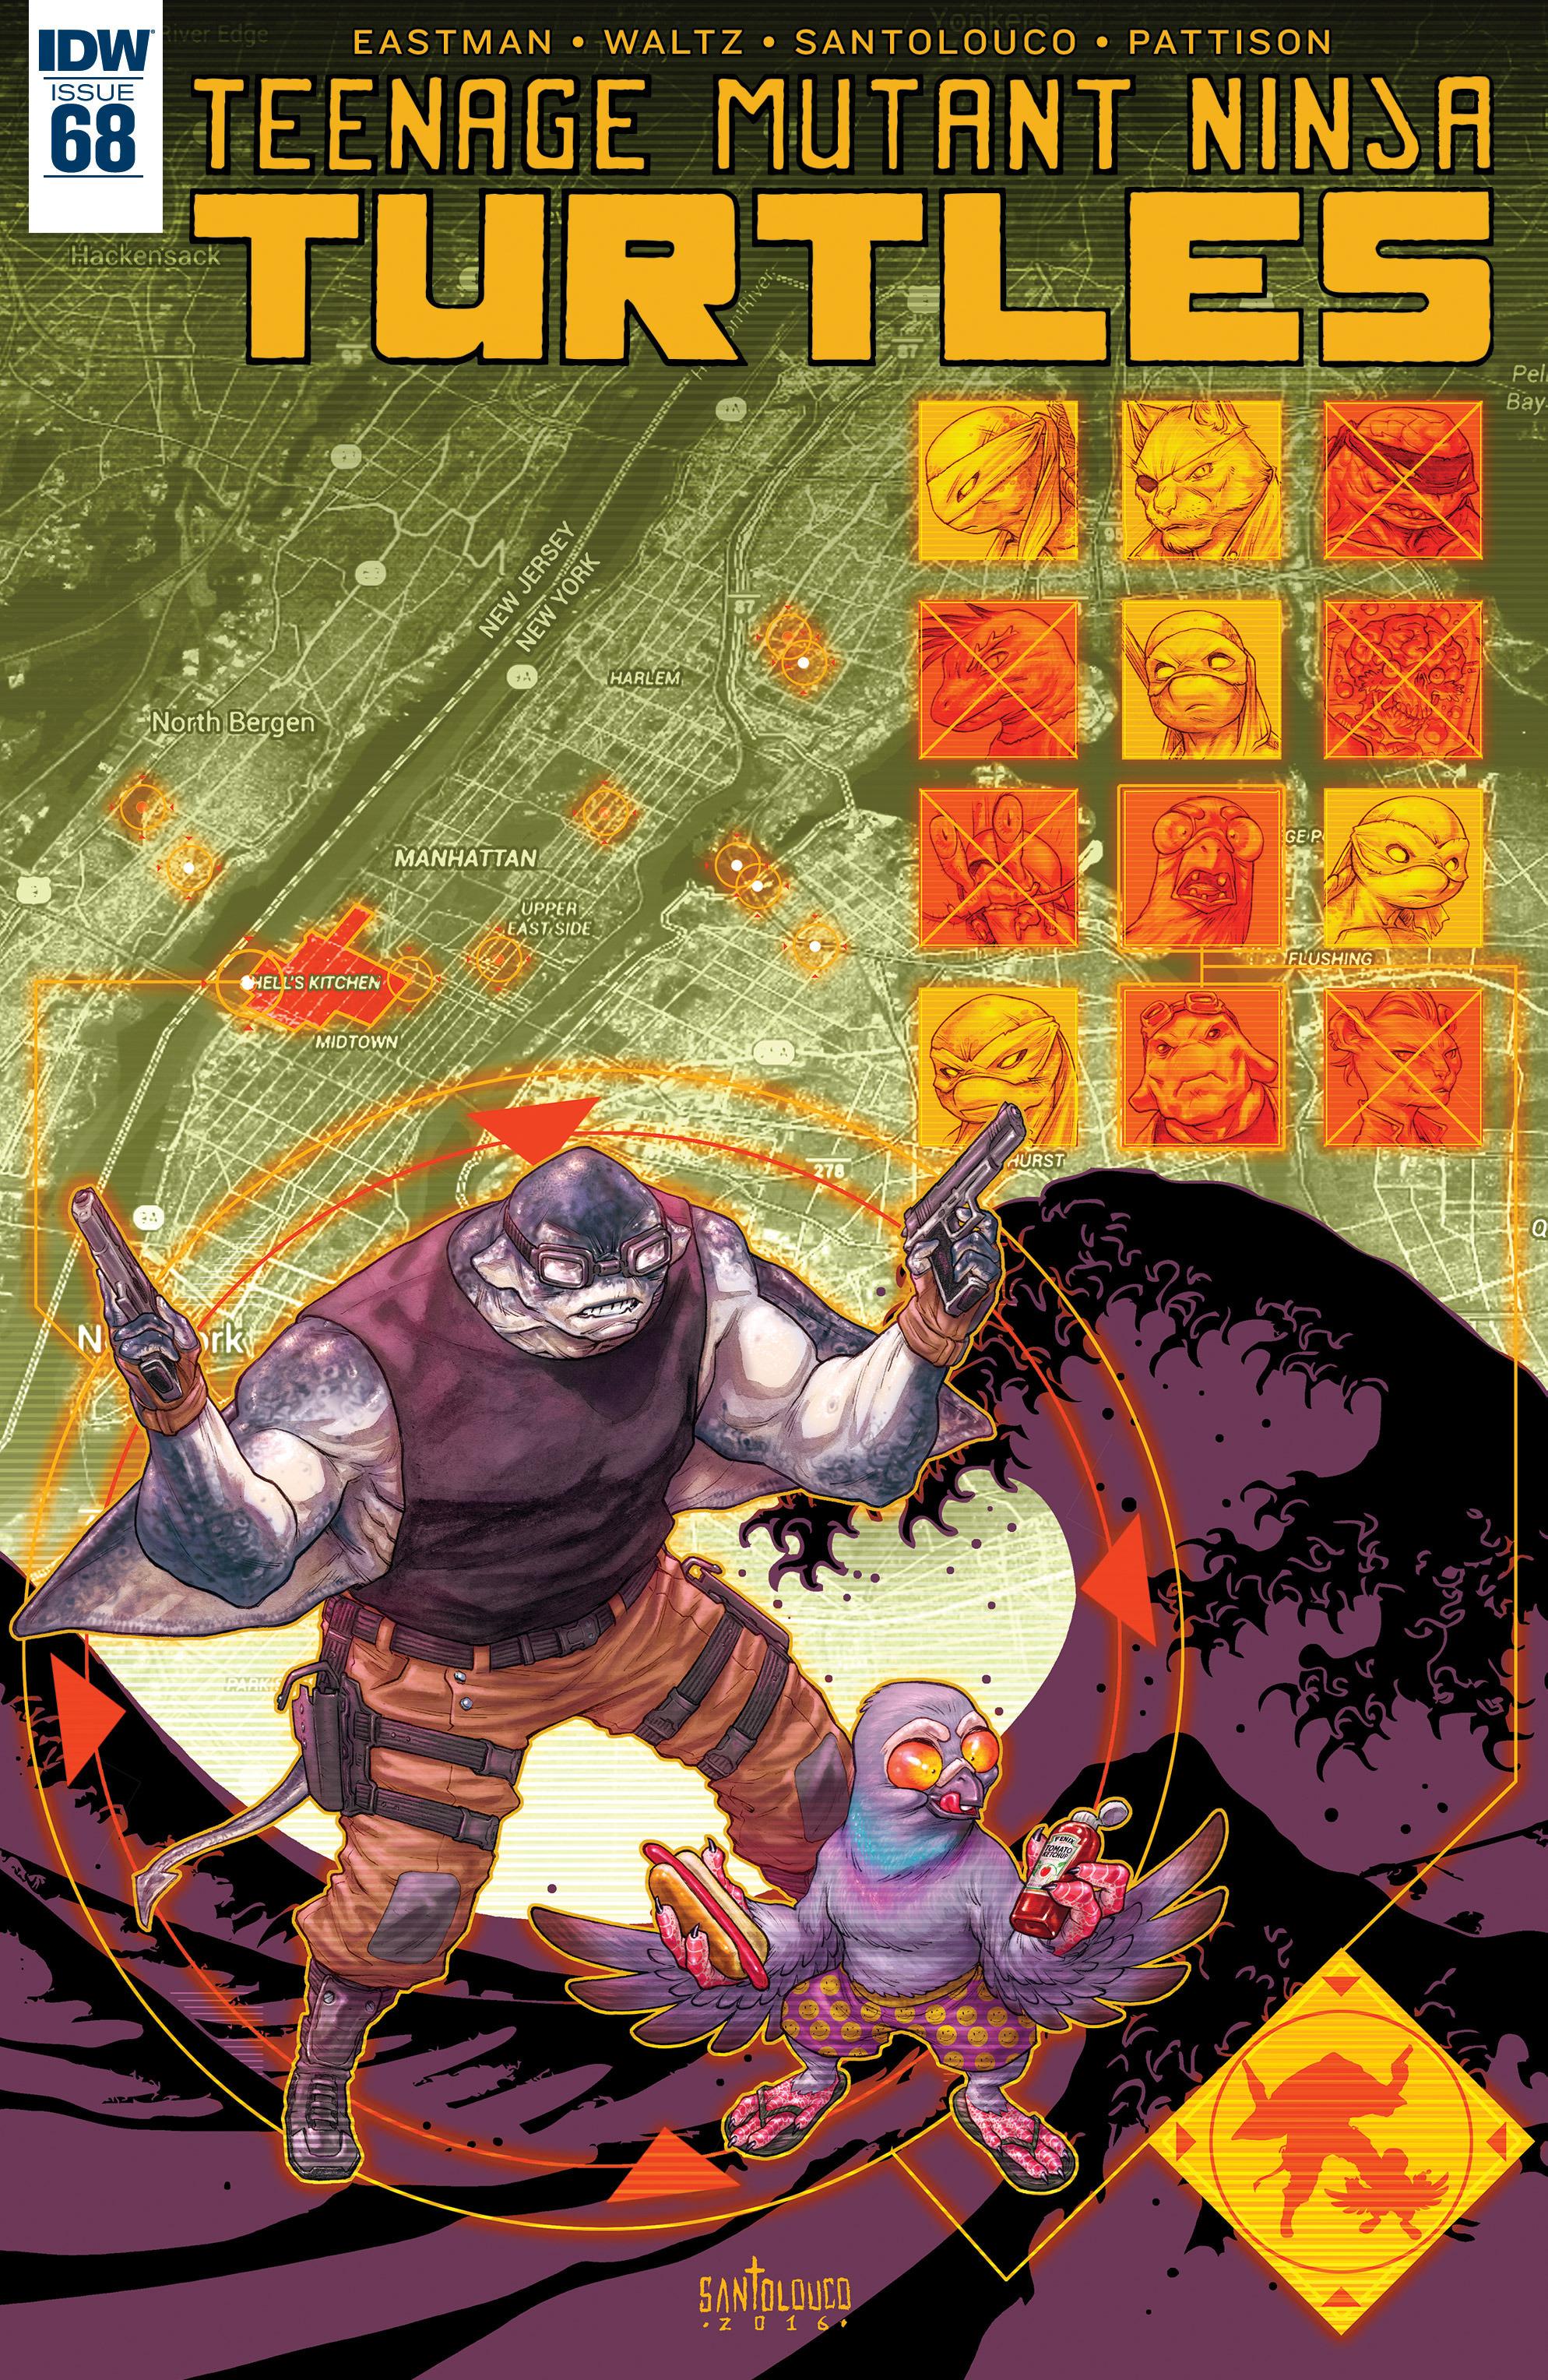 Read online Teenage Mutant Ninja Turtles (2011) comic -  Issue #68 - 1